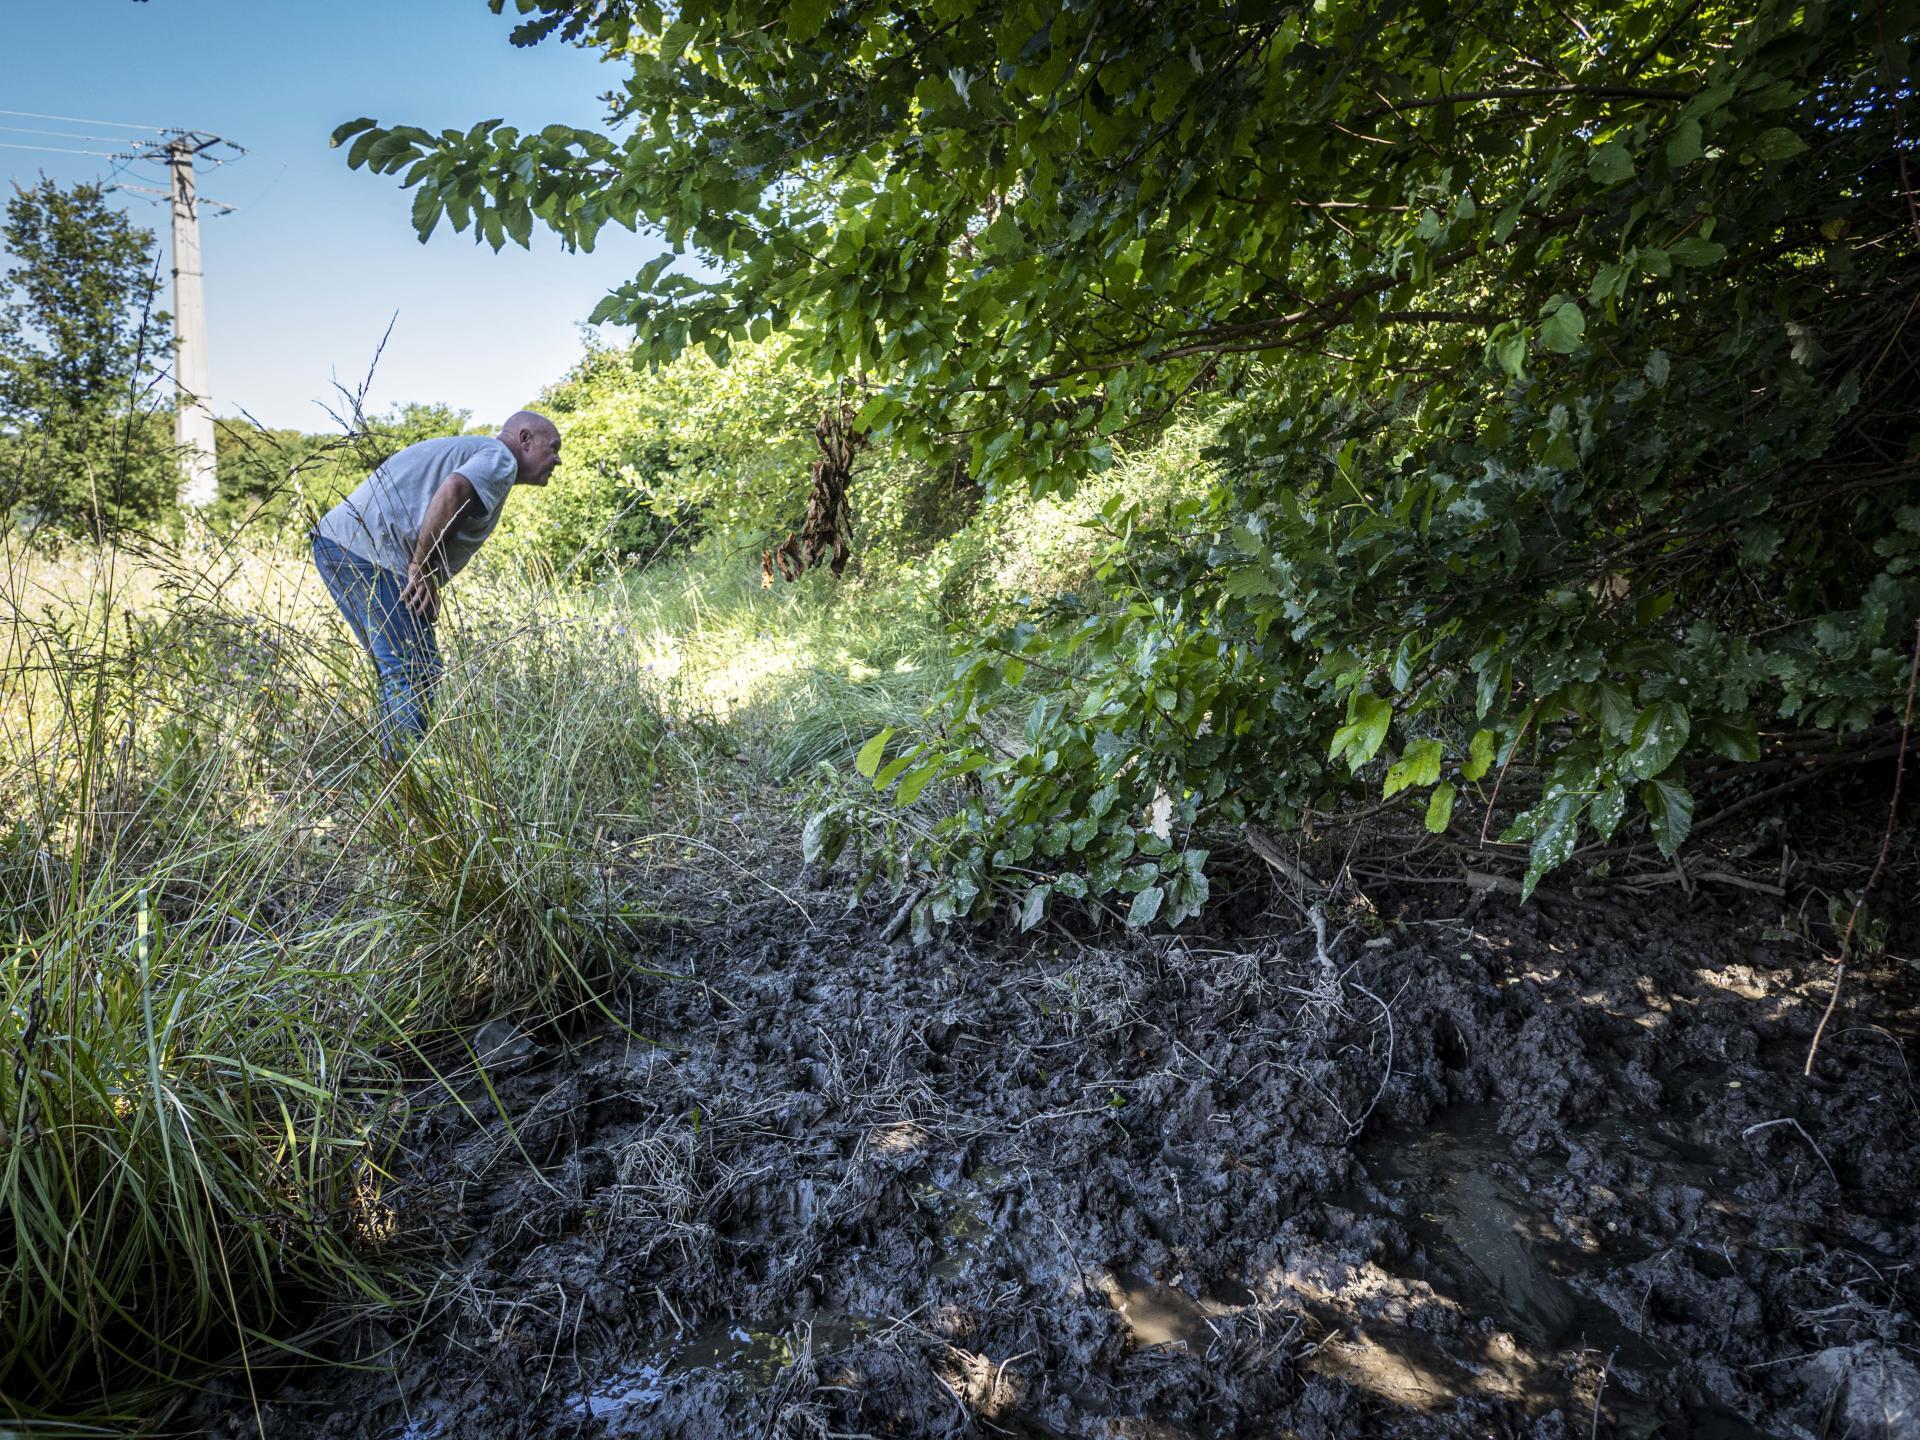 Mollans-sur-Ouvèze (Drôme), le 6 juillet. Jean-Michel Tyrand, viticulteur sur 32 hectares en côtes-du-rhône, près du trou d'eau boueux où les sangliers viennent se rafraîchir.